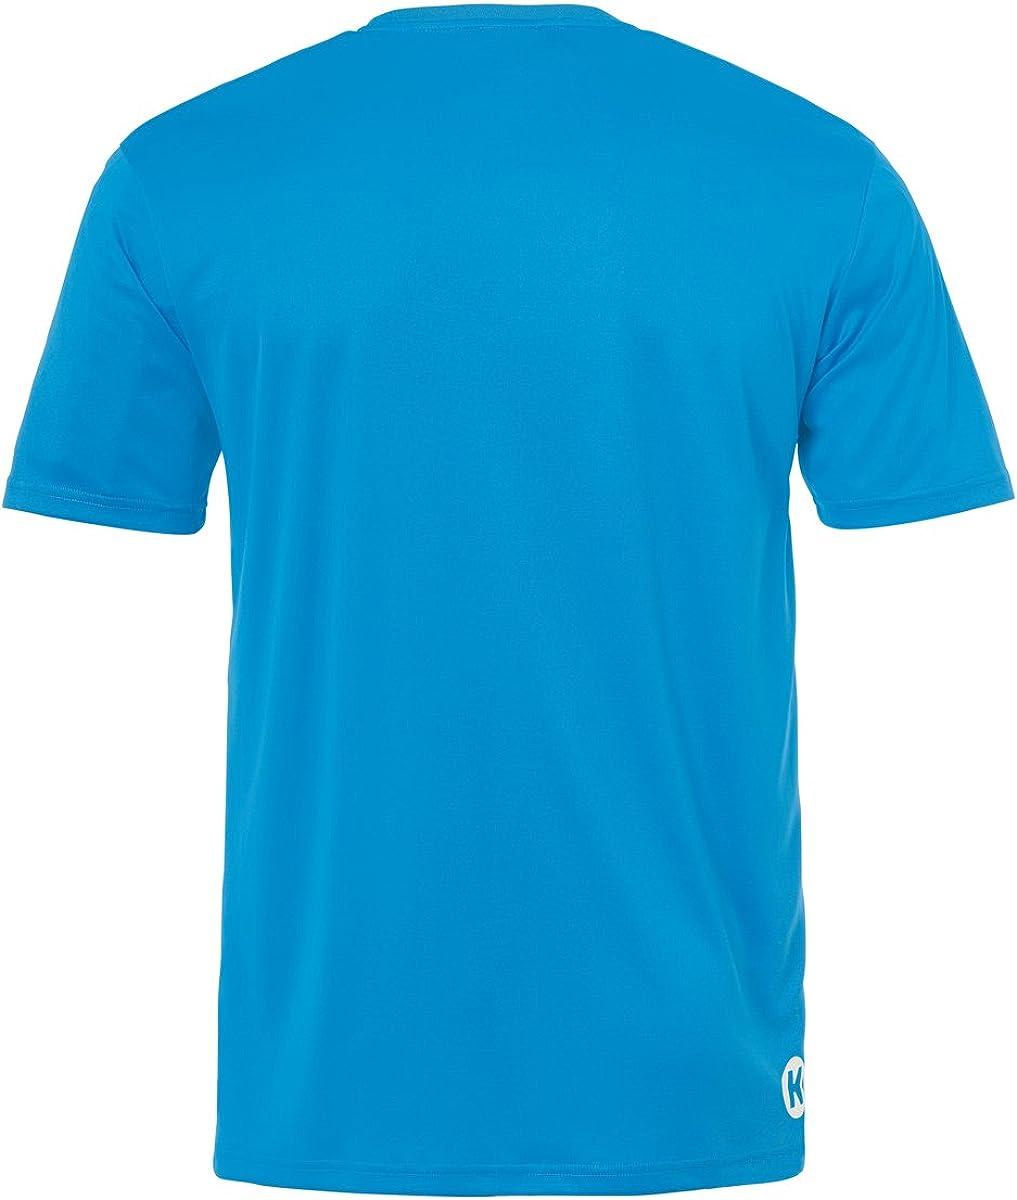 Kempa Poly Shirt Camiseta De Entrenamiento De Balonmano, Hombre: Amazon.es: Ropa y accesorios